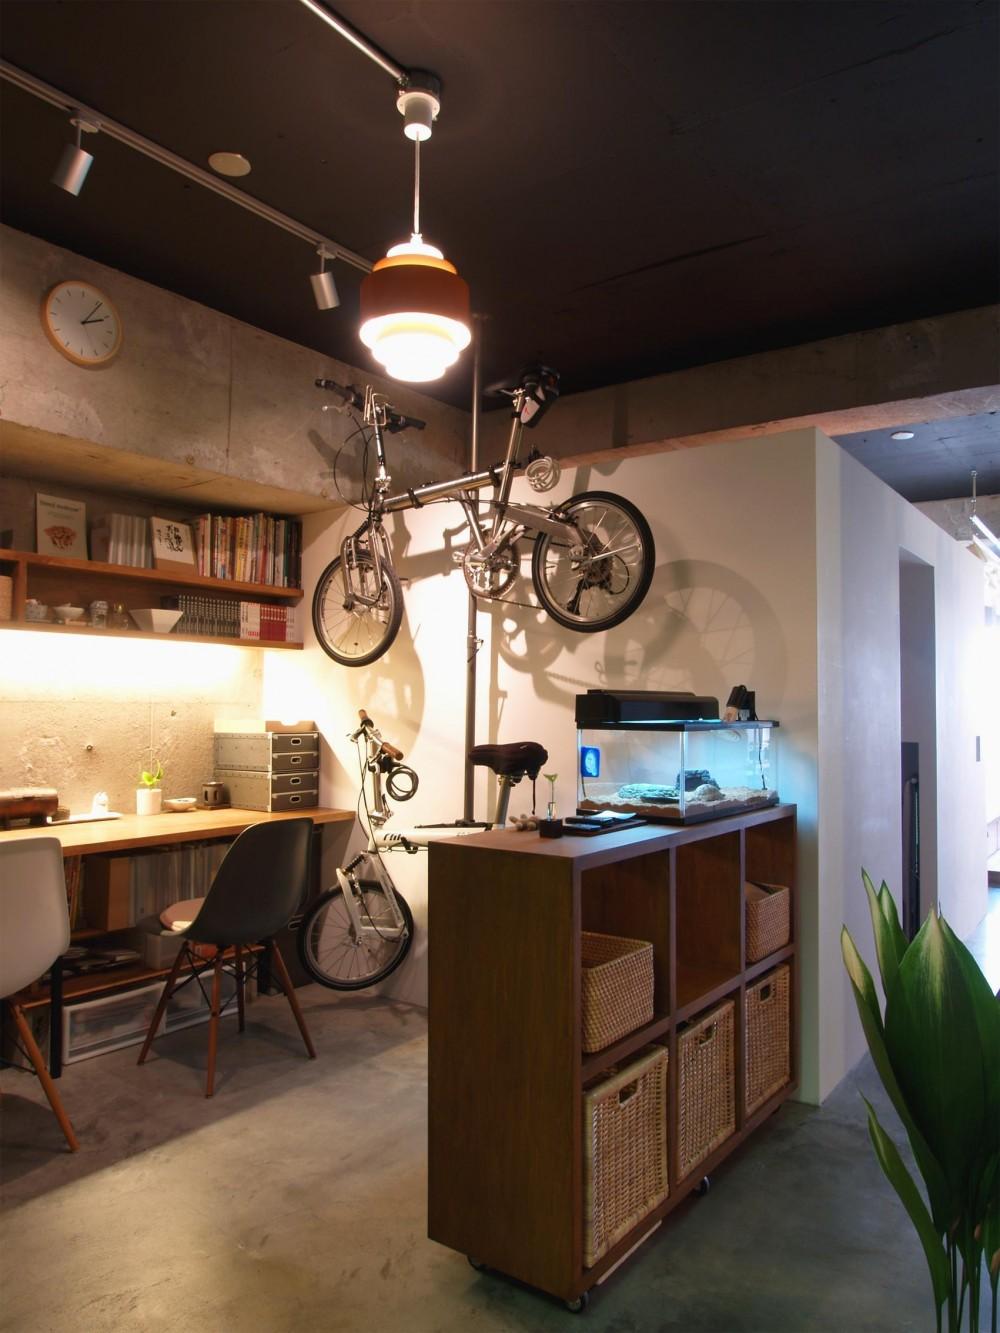 ブルースタジオ「RIKUBUNー畳を生活の中心にしたリノベーション」